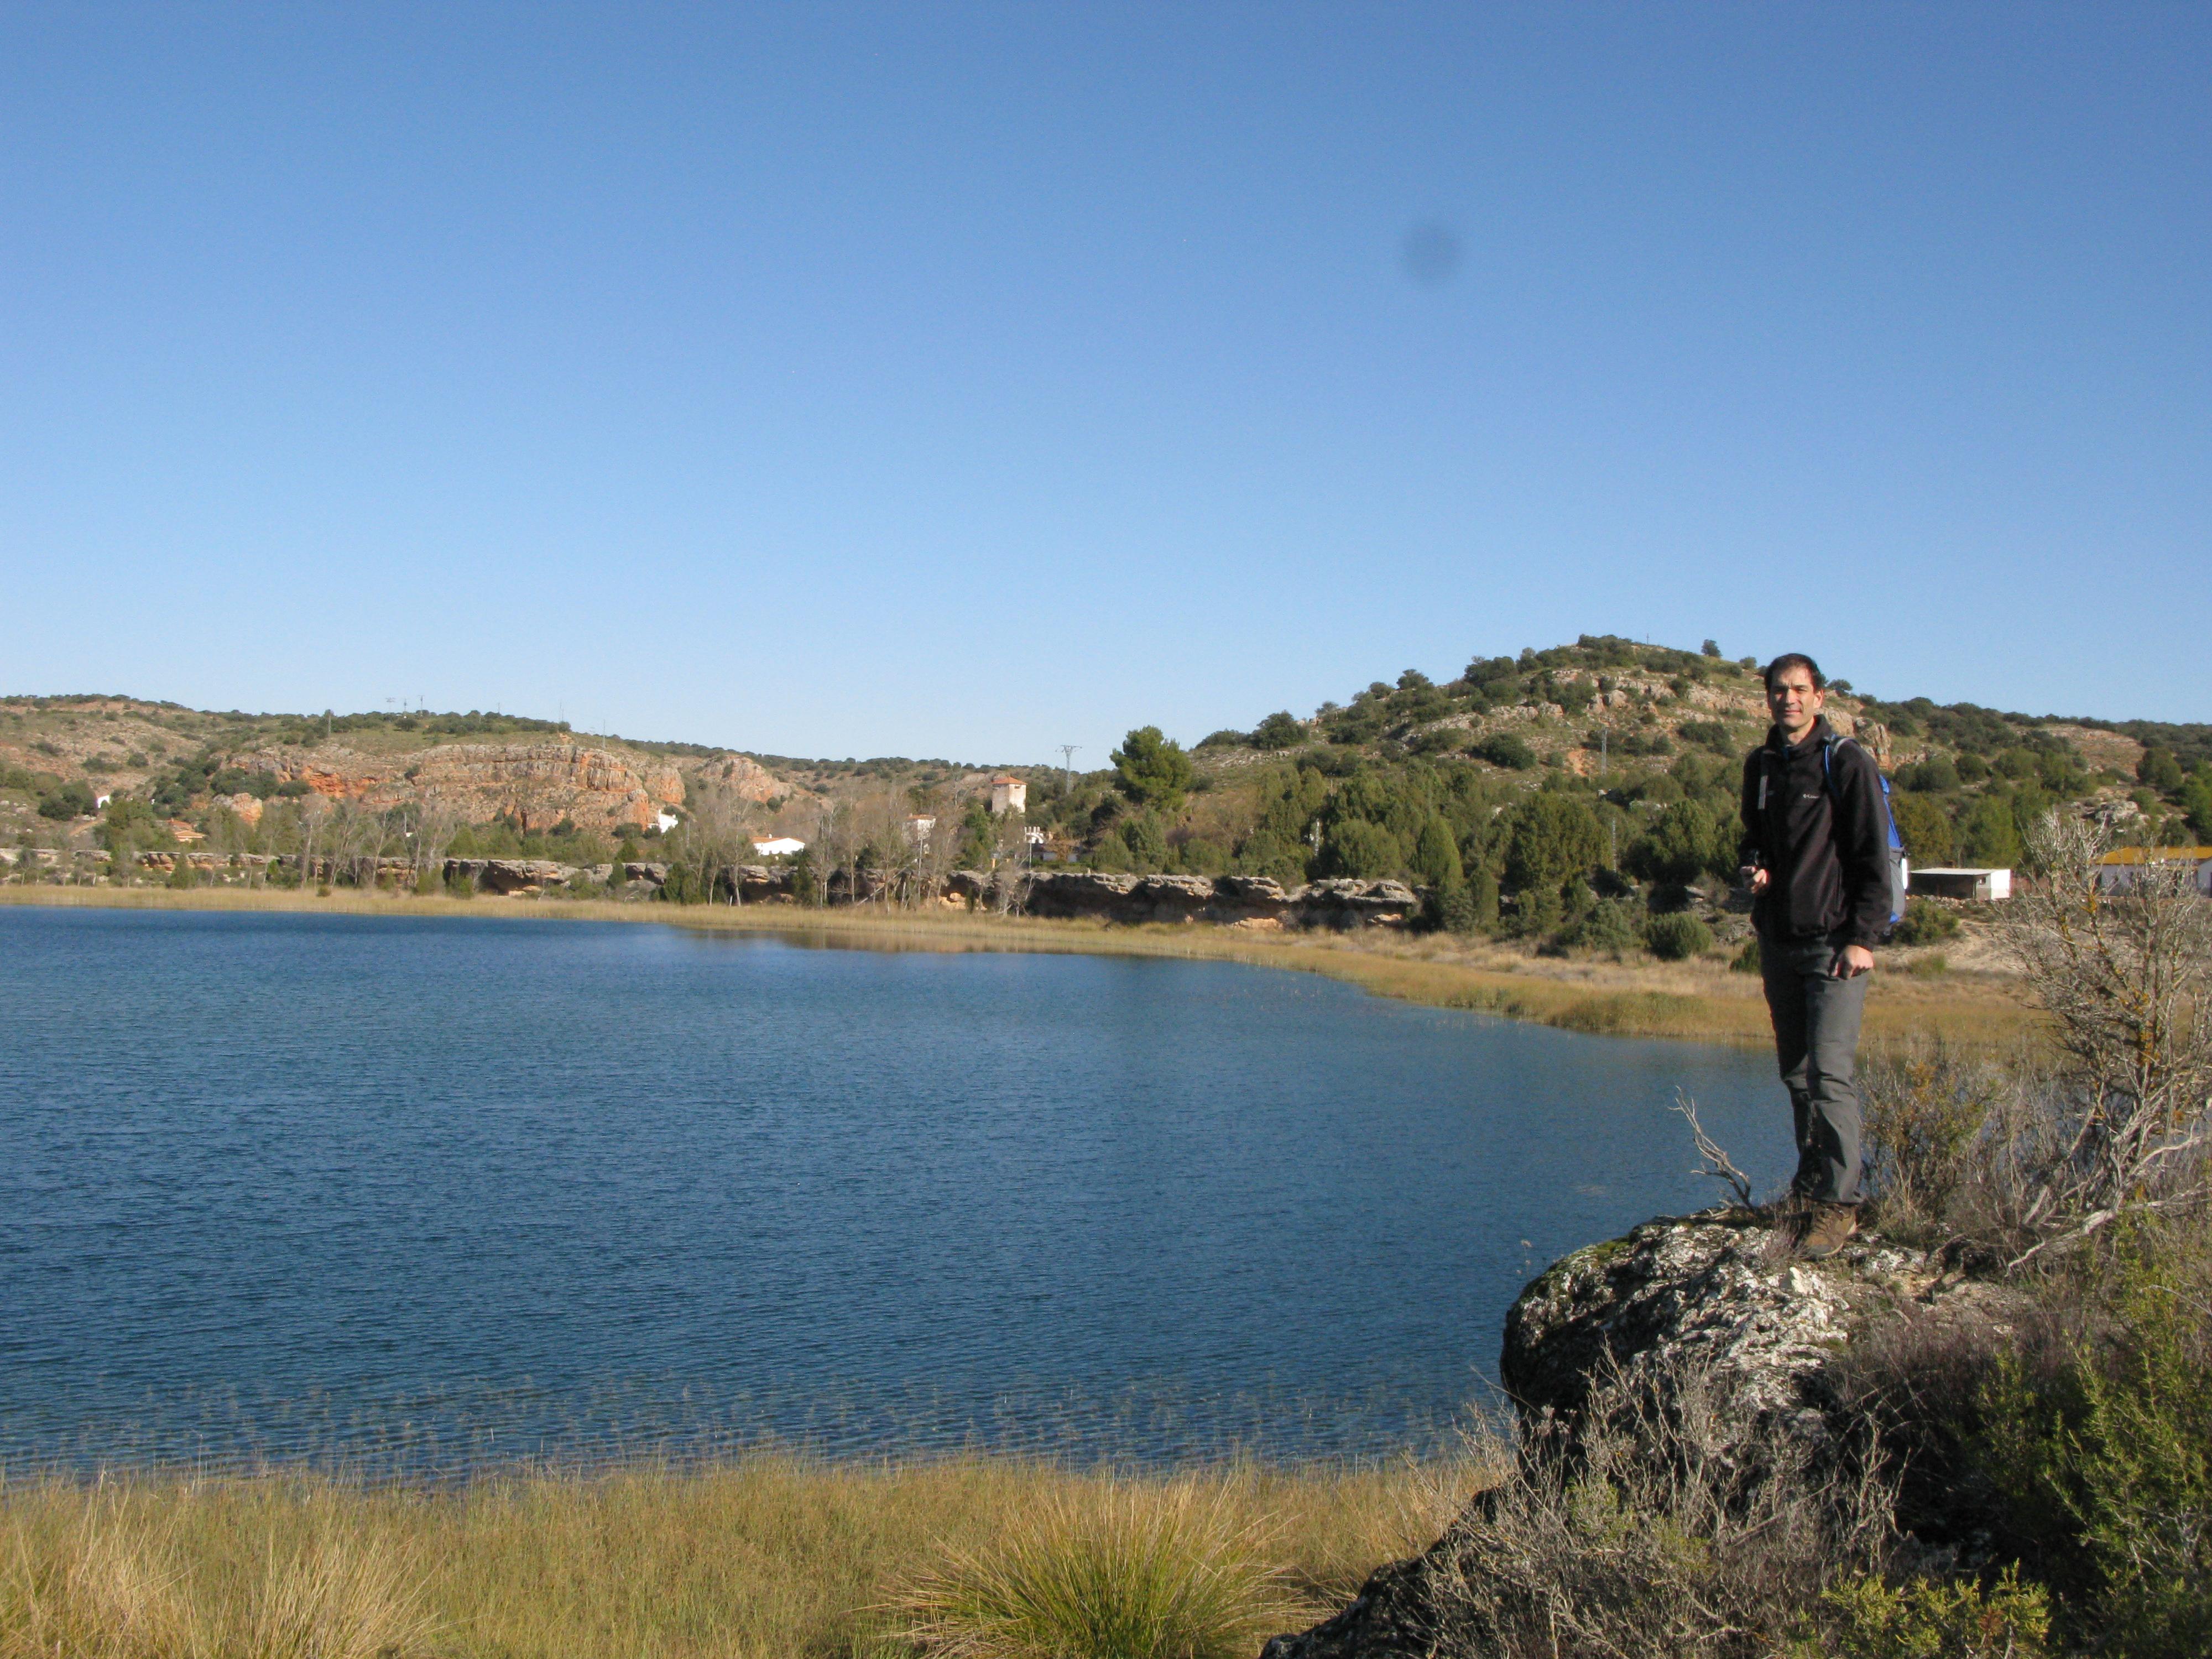 Miembro de Gemosclera observando la laguna Tinaja desde la terraza tobácea que tiene en su margen izquierdo.